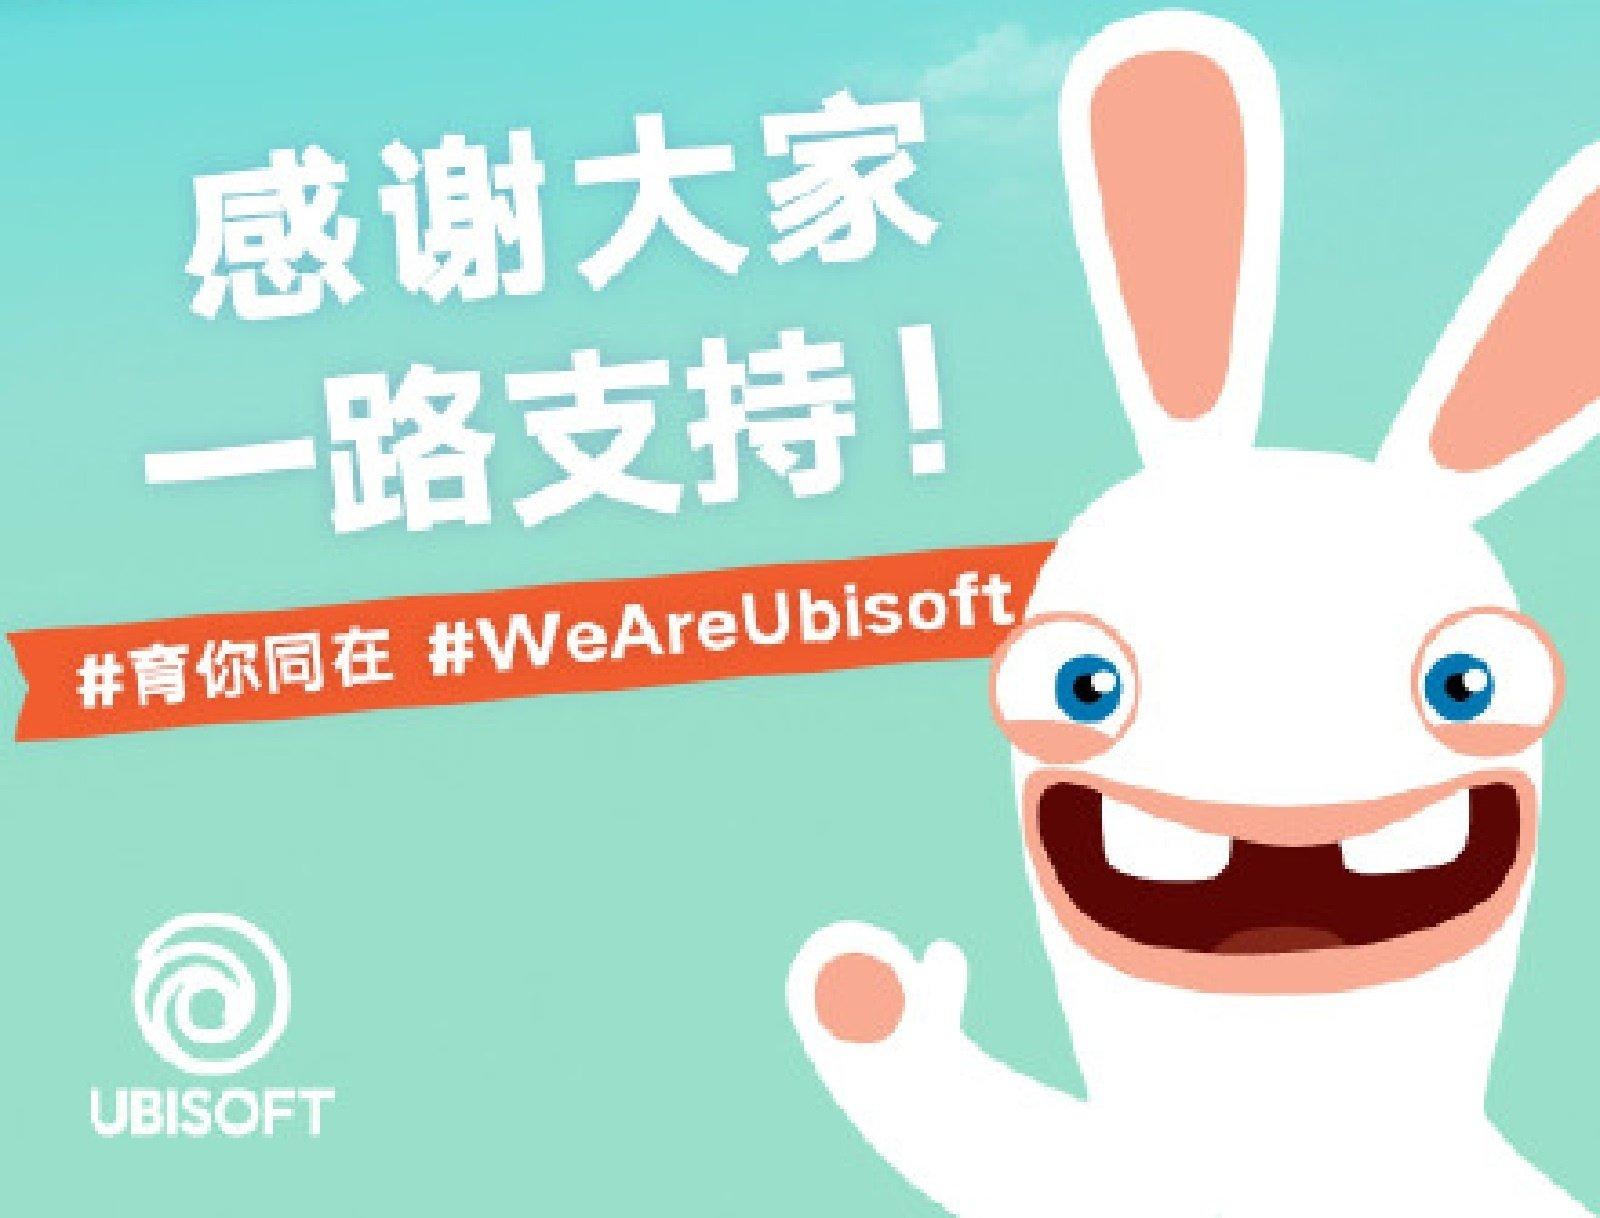 Vive La Ubisoft!维旺迪将于明年3月前出售剩余育碧股份